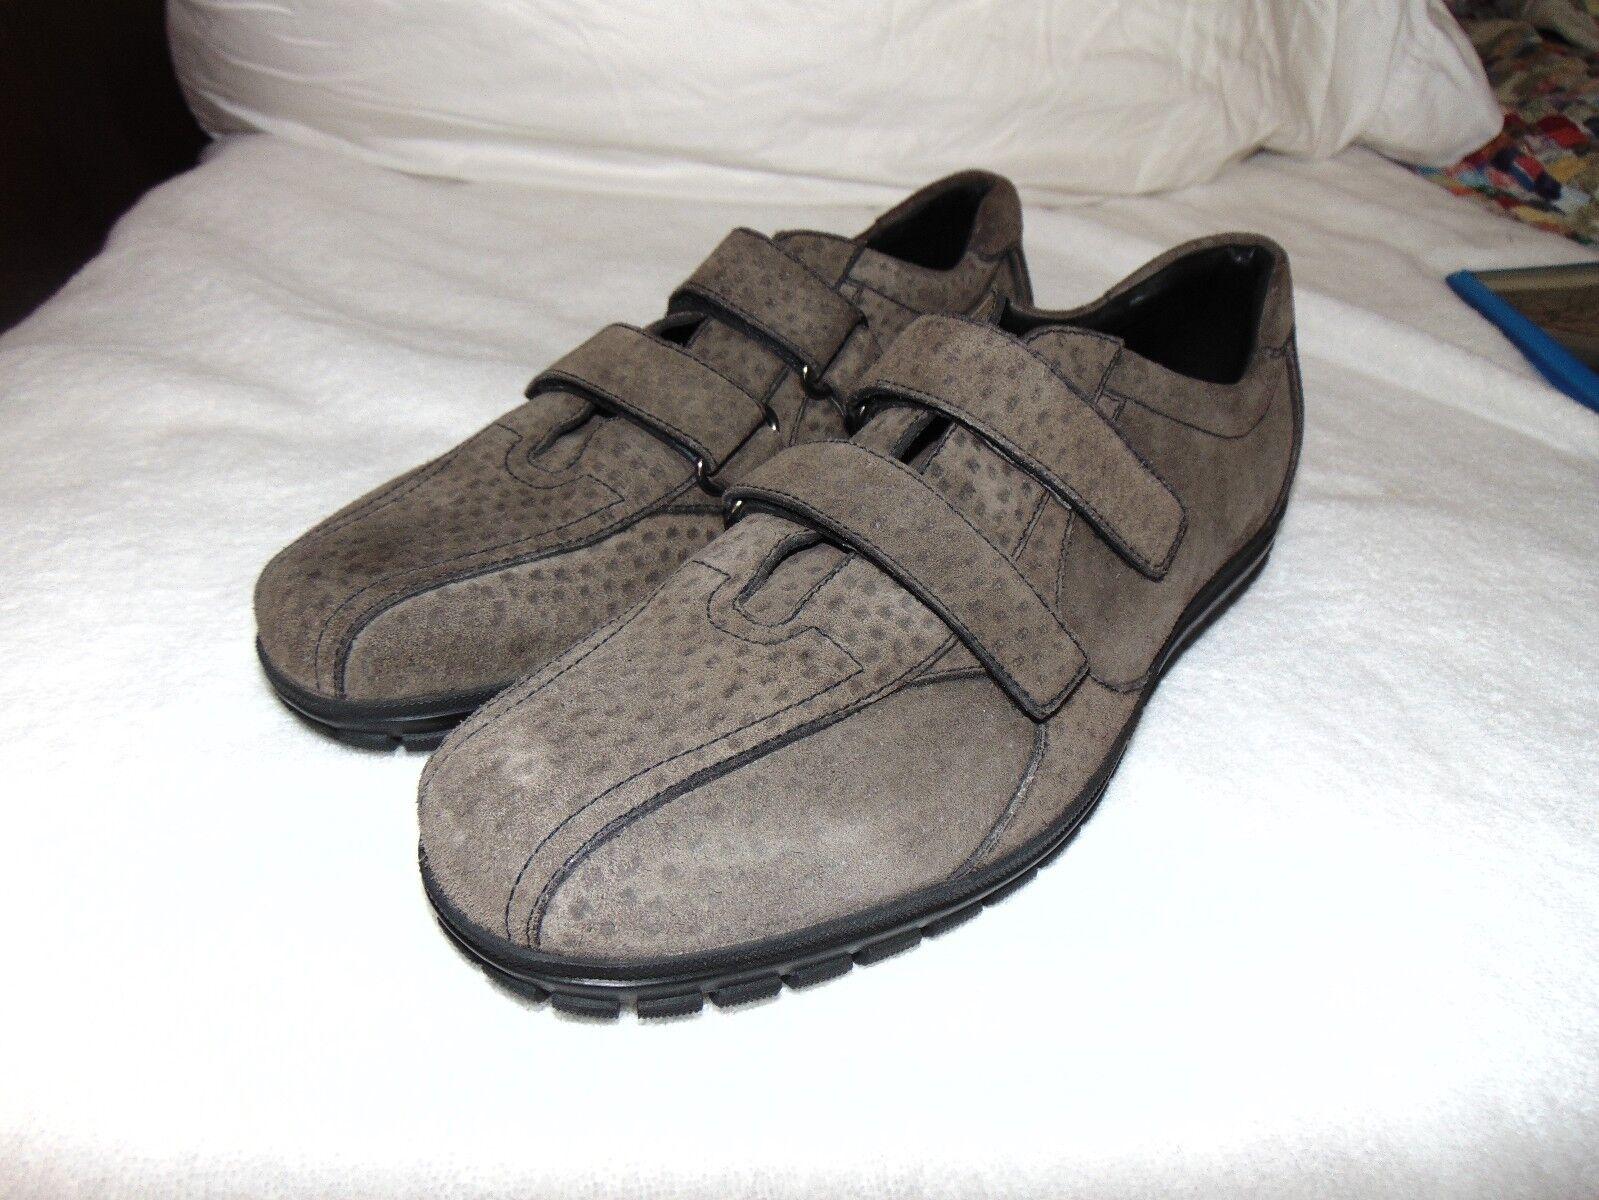 Rétro Classique prada homme leopard cuir vel STRAP baskets Chaussure 10 US 11 T